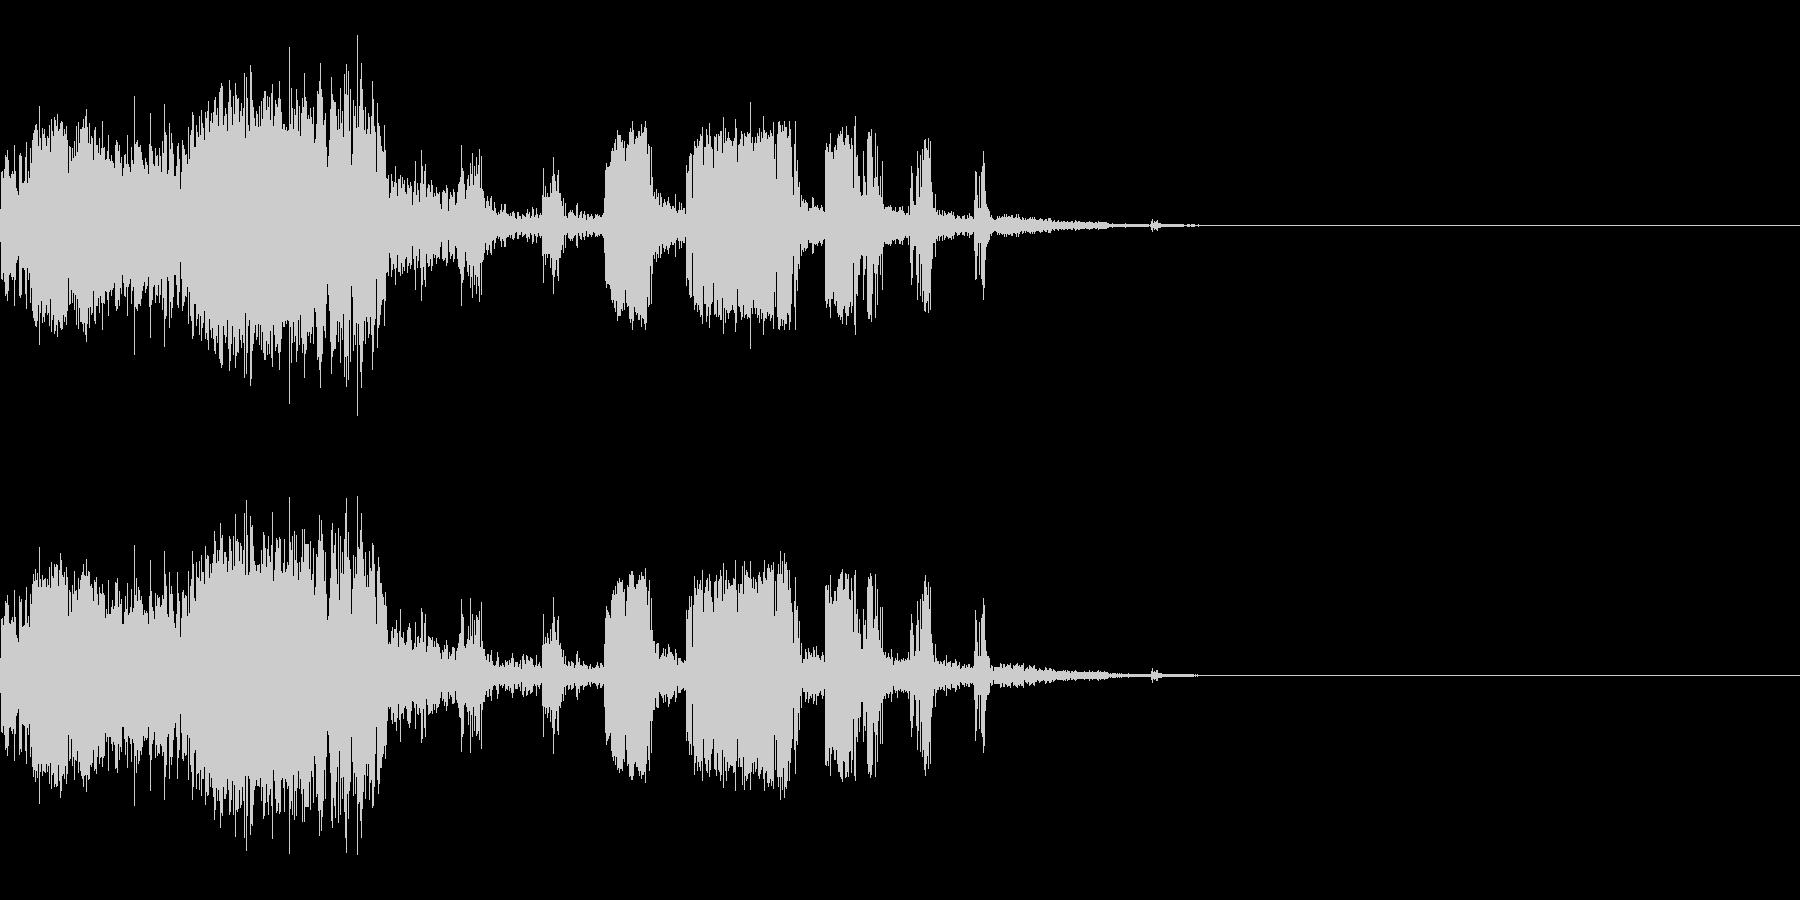 スパーク音-42の未再生の波形